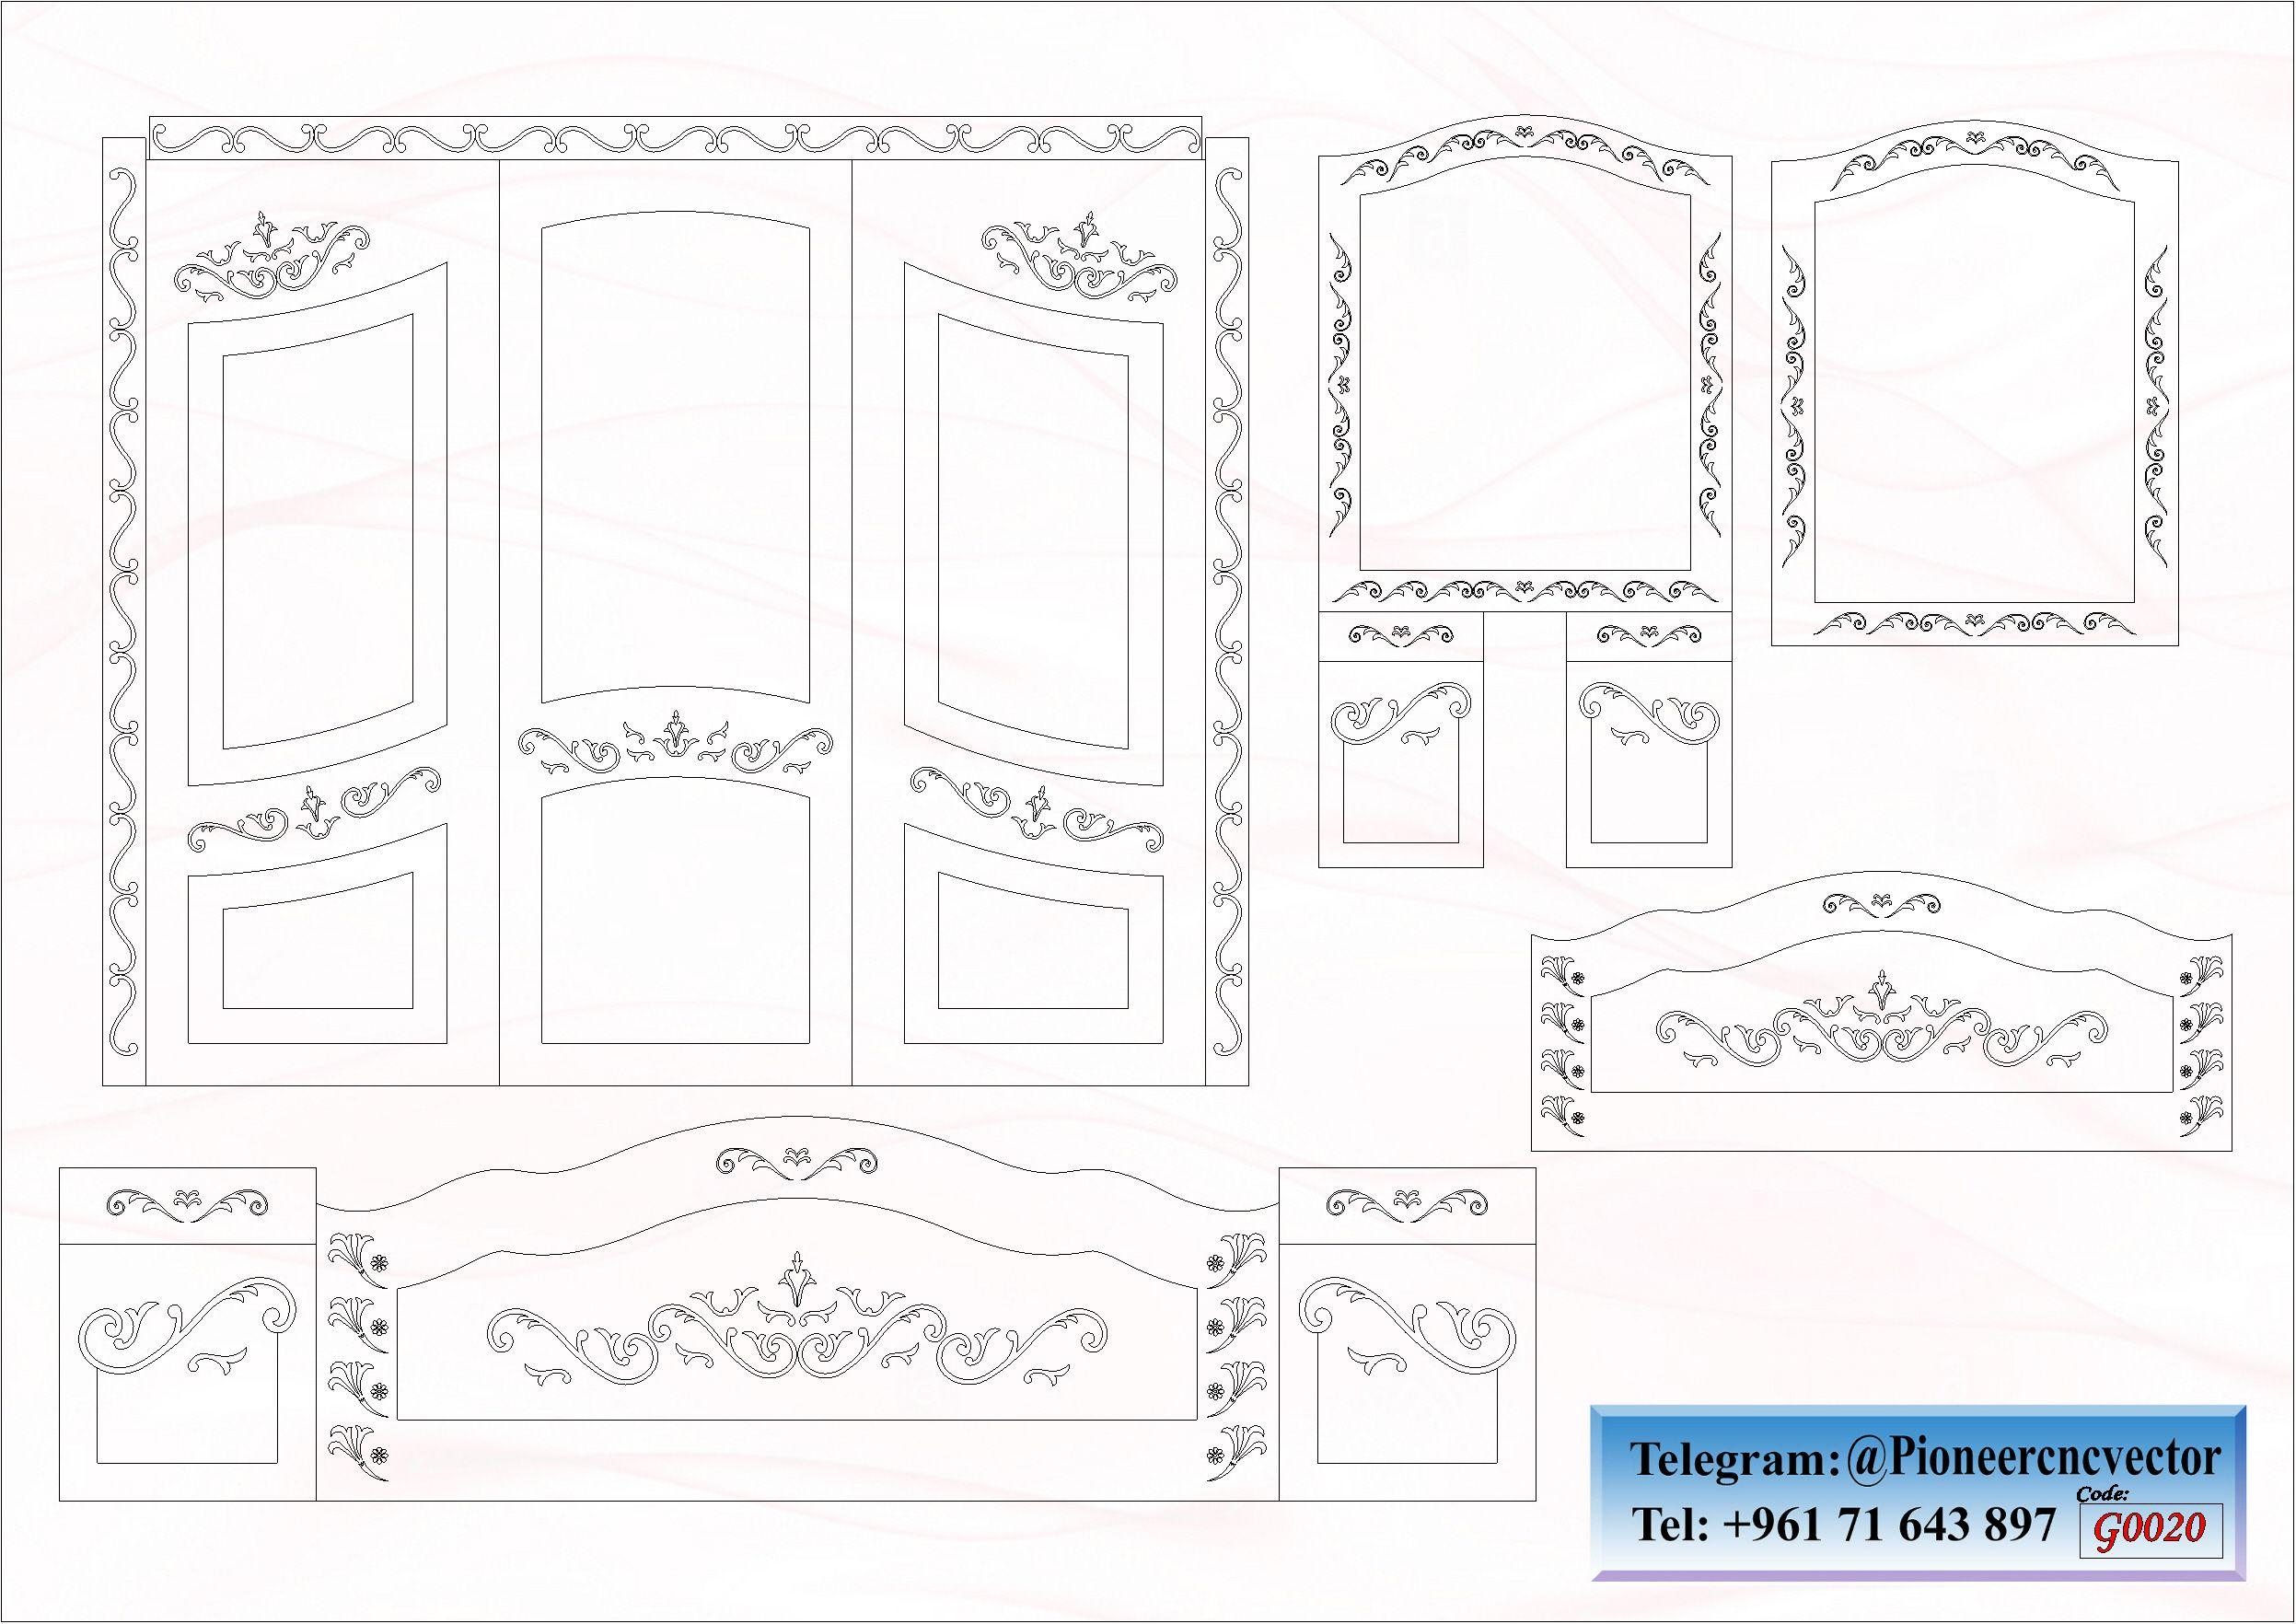 تصاميم غرف نوم للبيع G0020 Bullet Journal Floor Plans Diagram